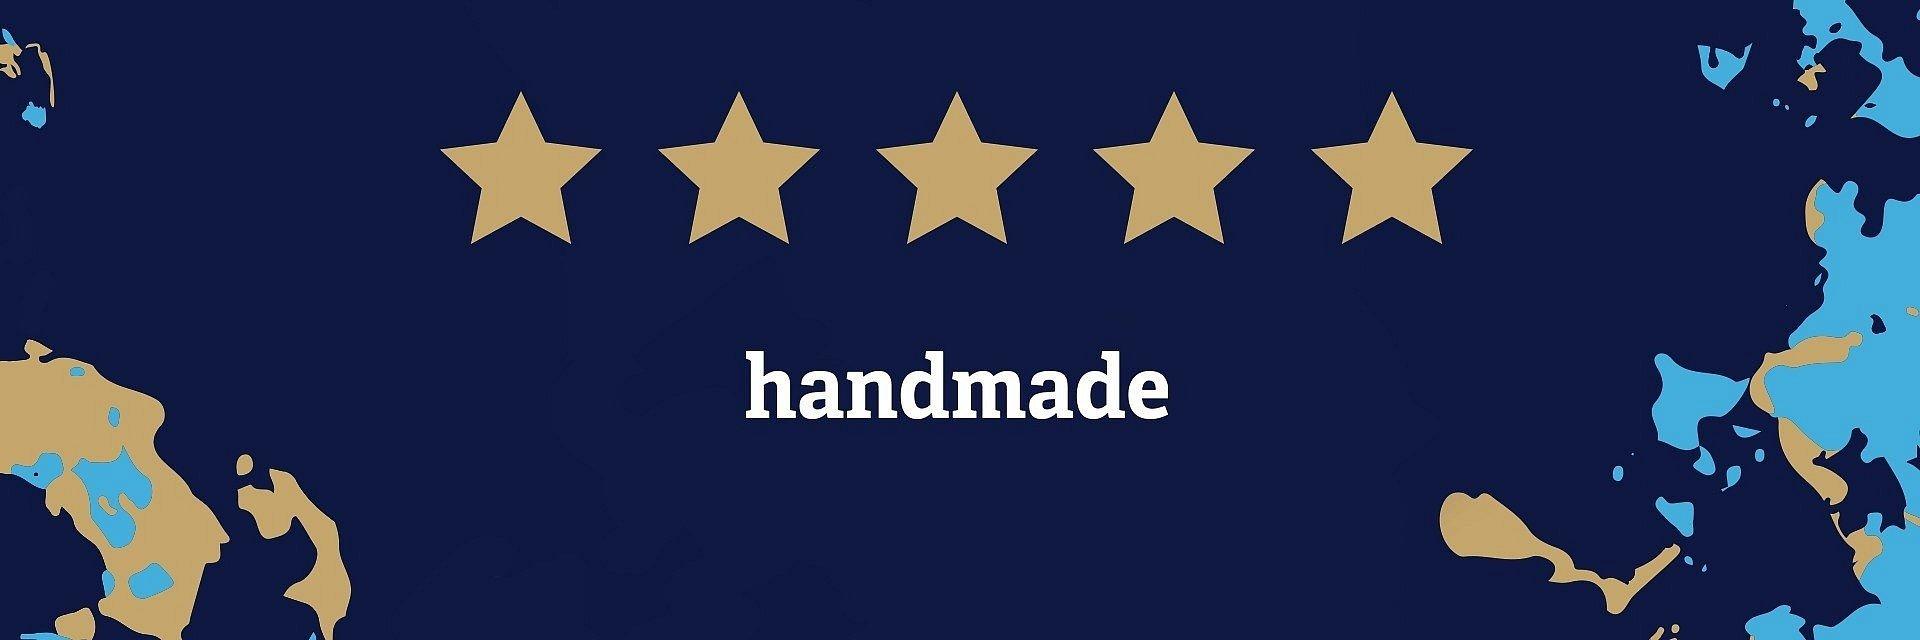 Hand Made z najwyższą notą w rankingu PRESS